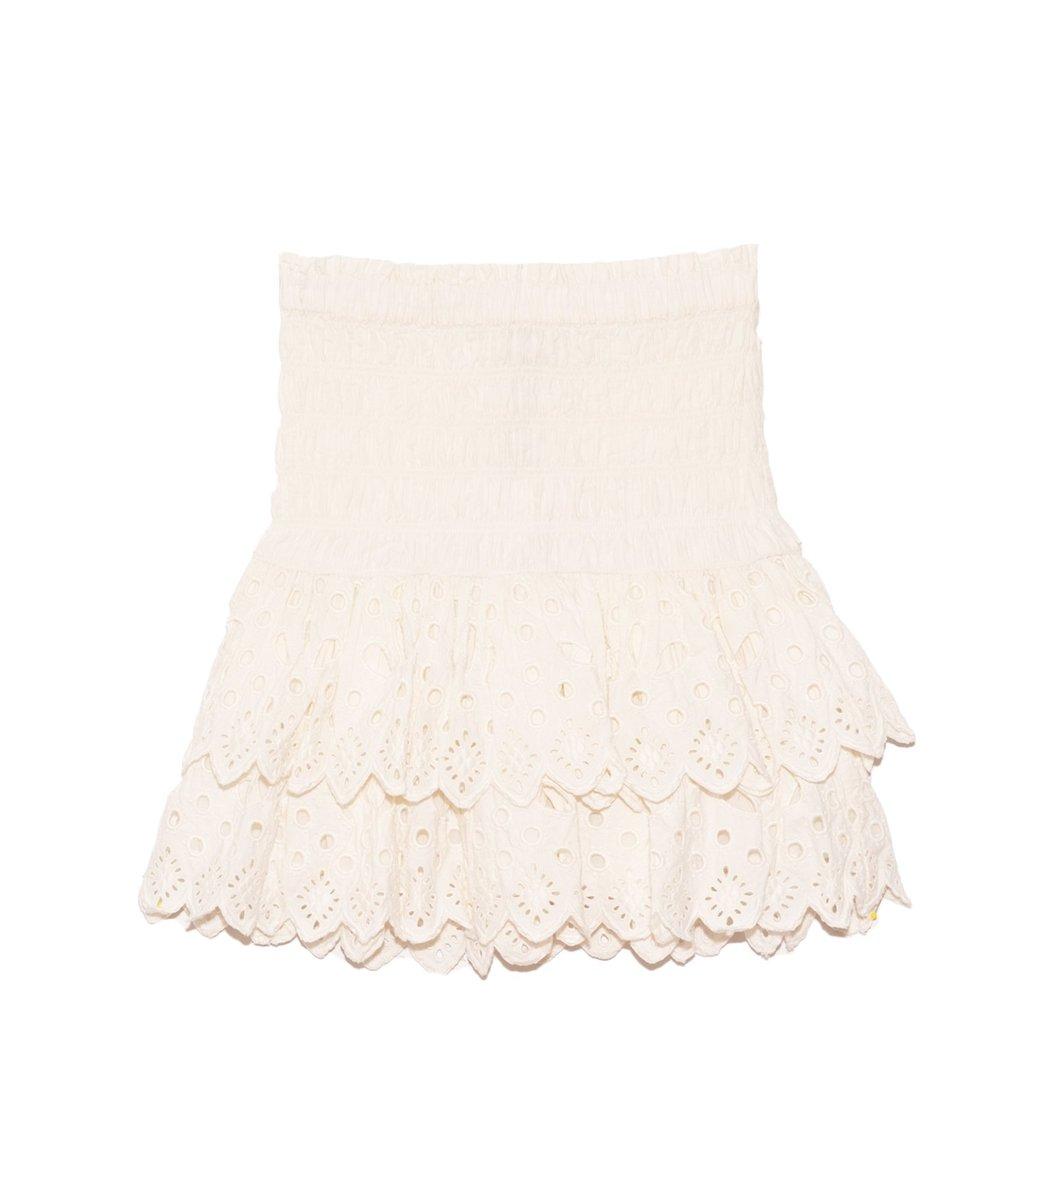 Sea Cottons Hazel Eyelet Skirt in White